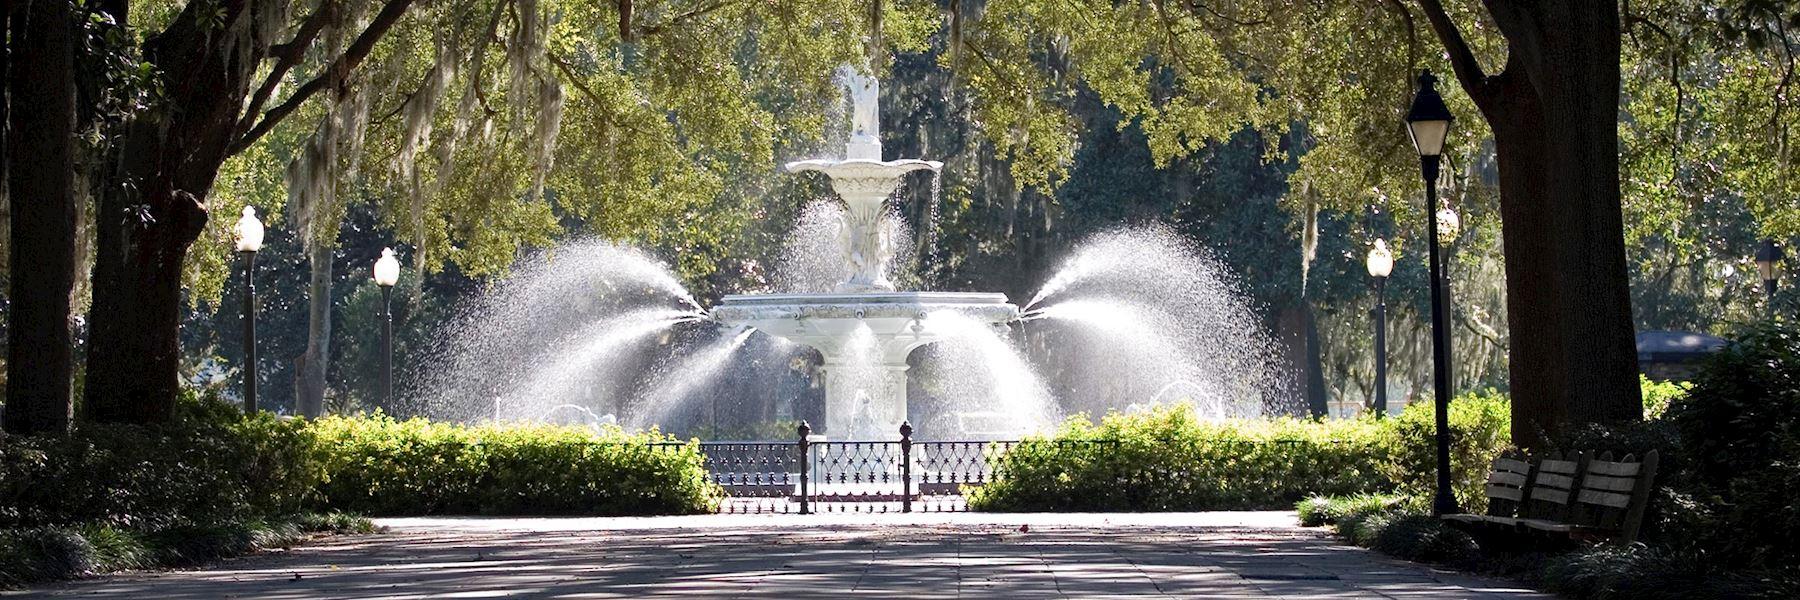 Visit Savannah, Deep South